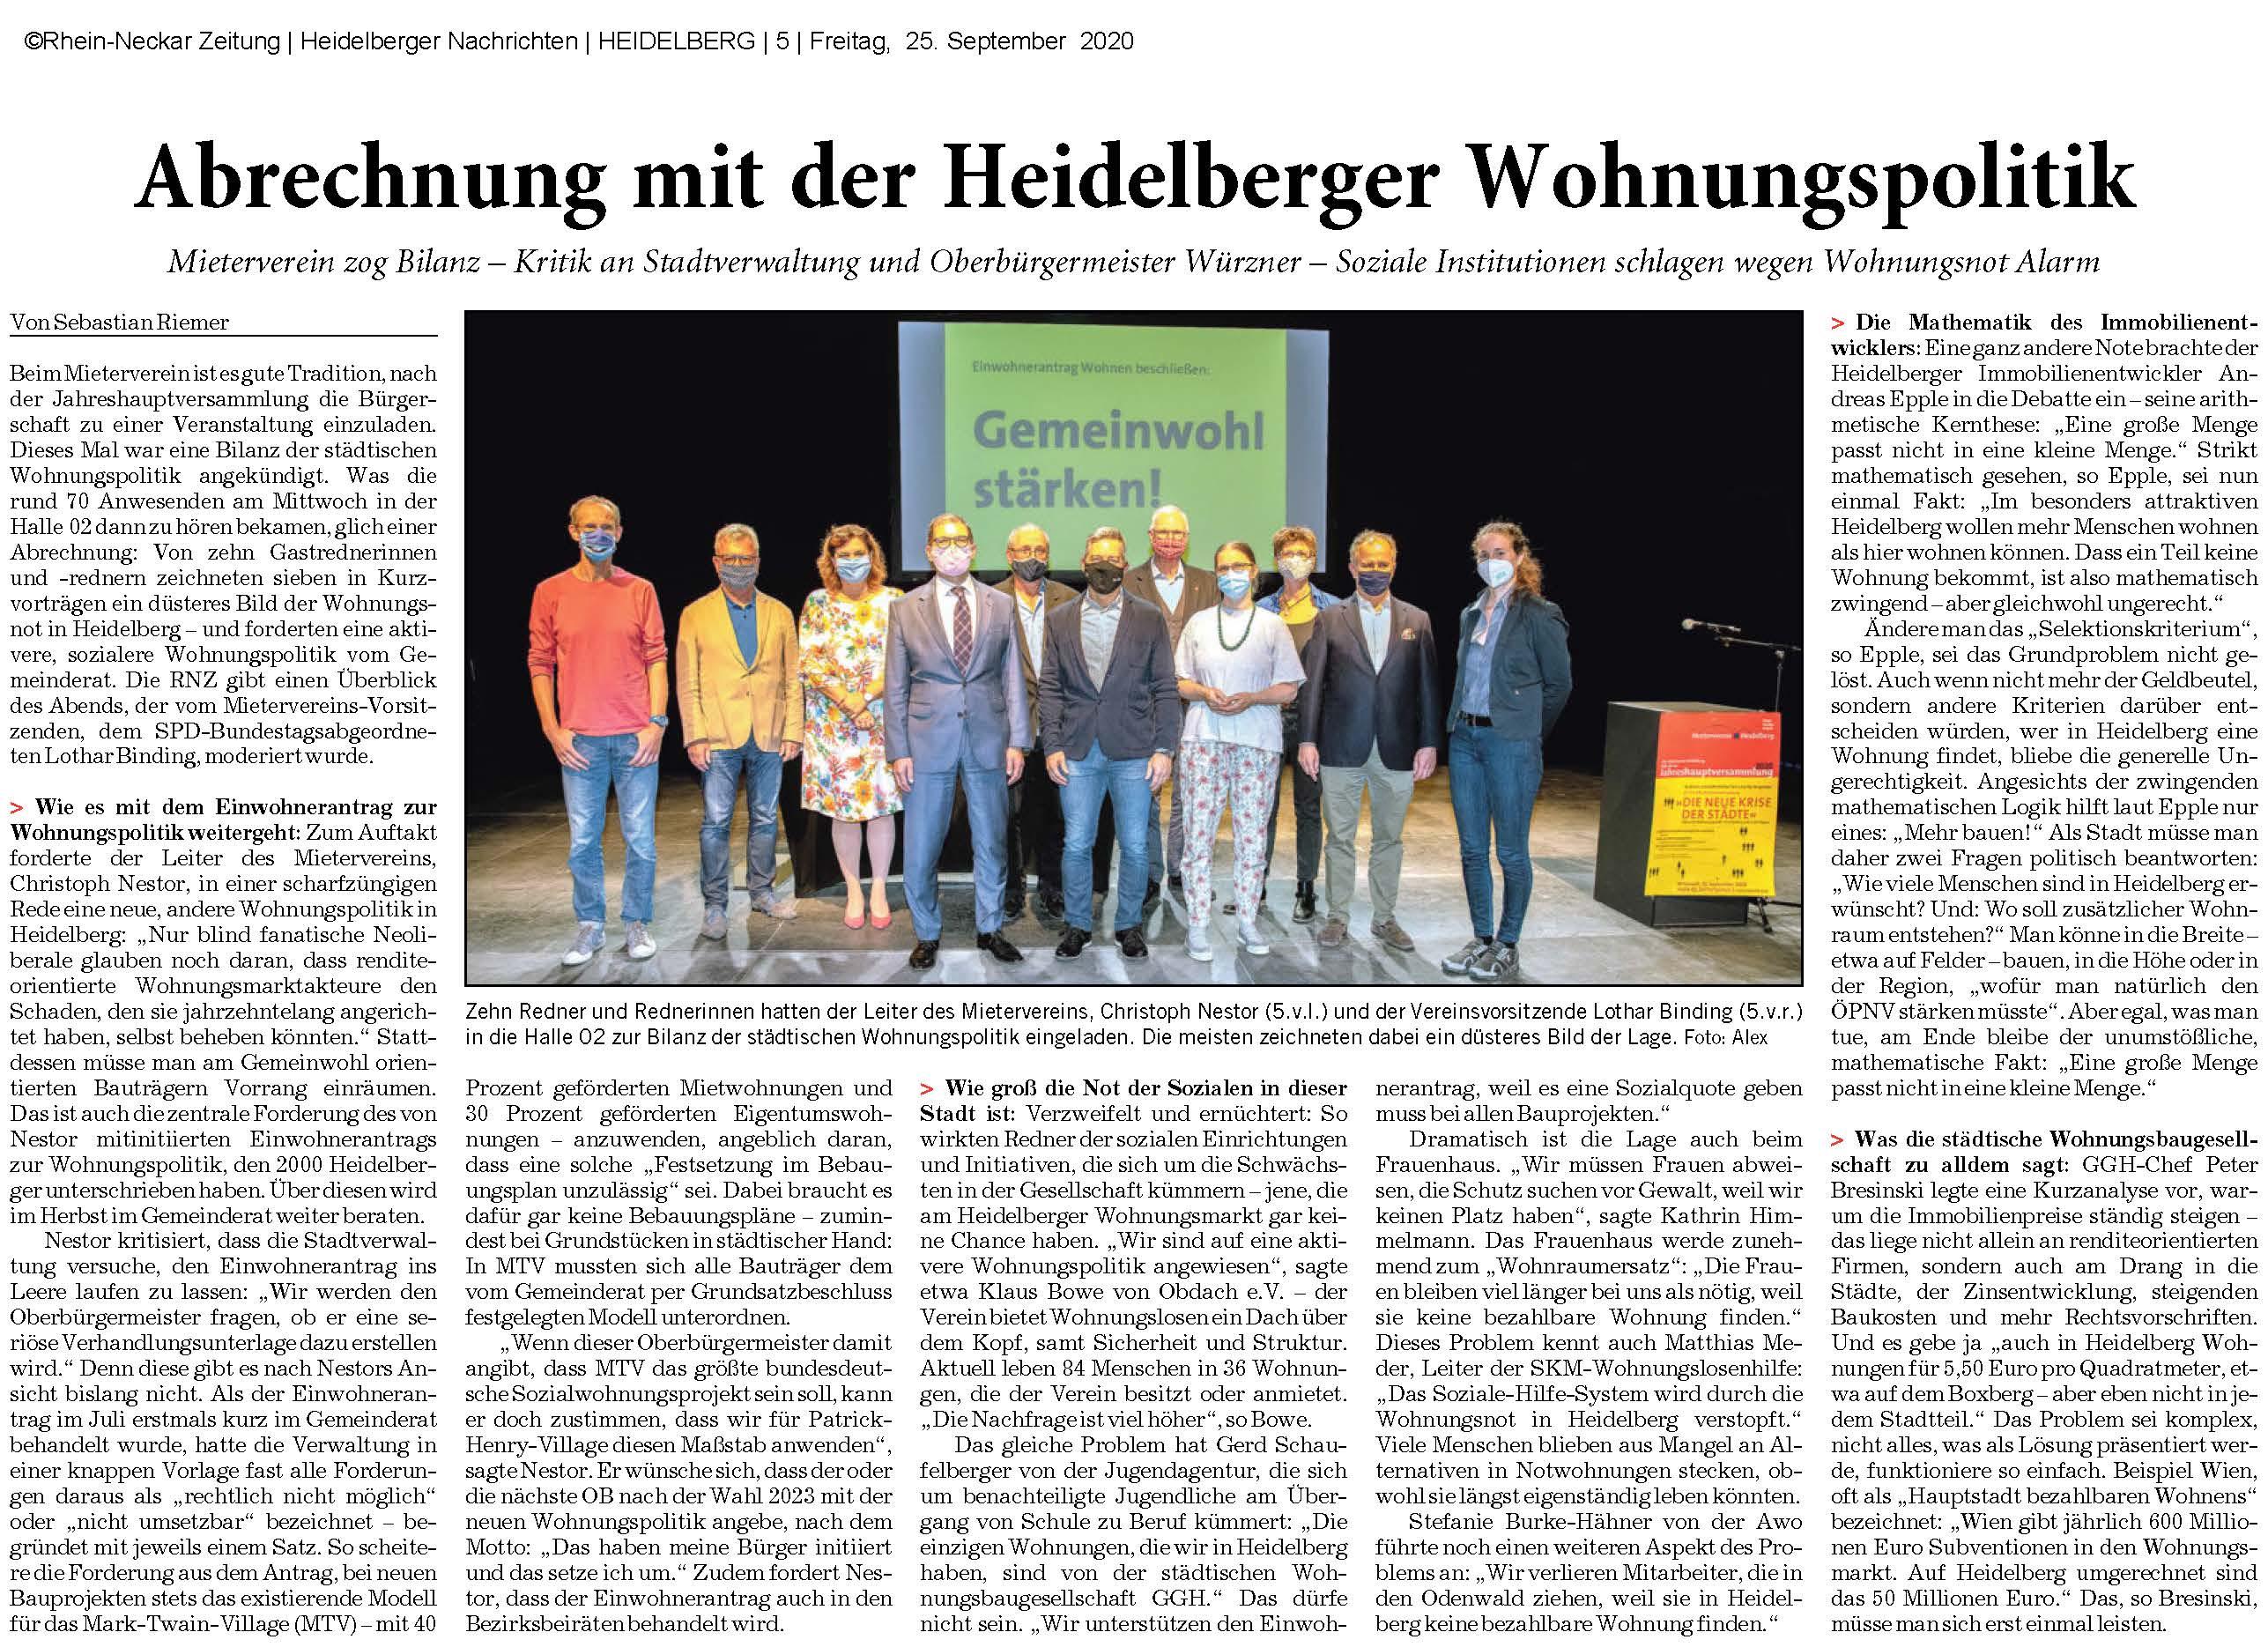 Presseartikel zur Heidelberger Wohnungspolitik